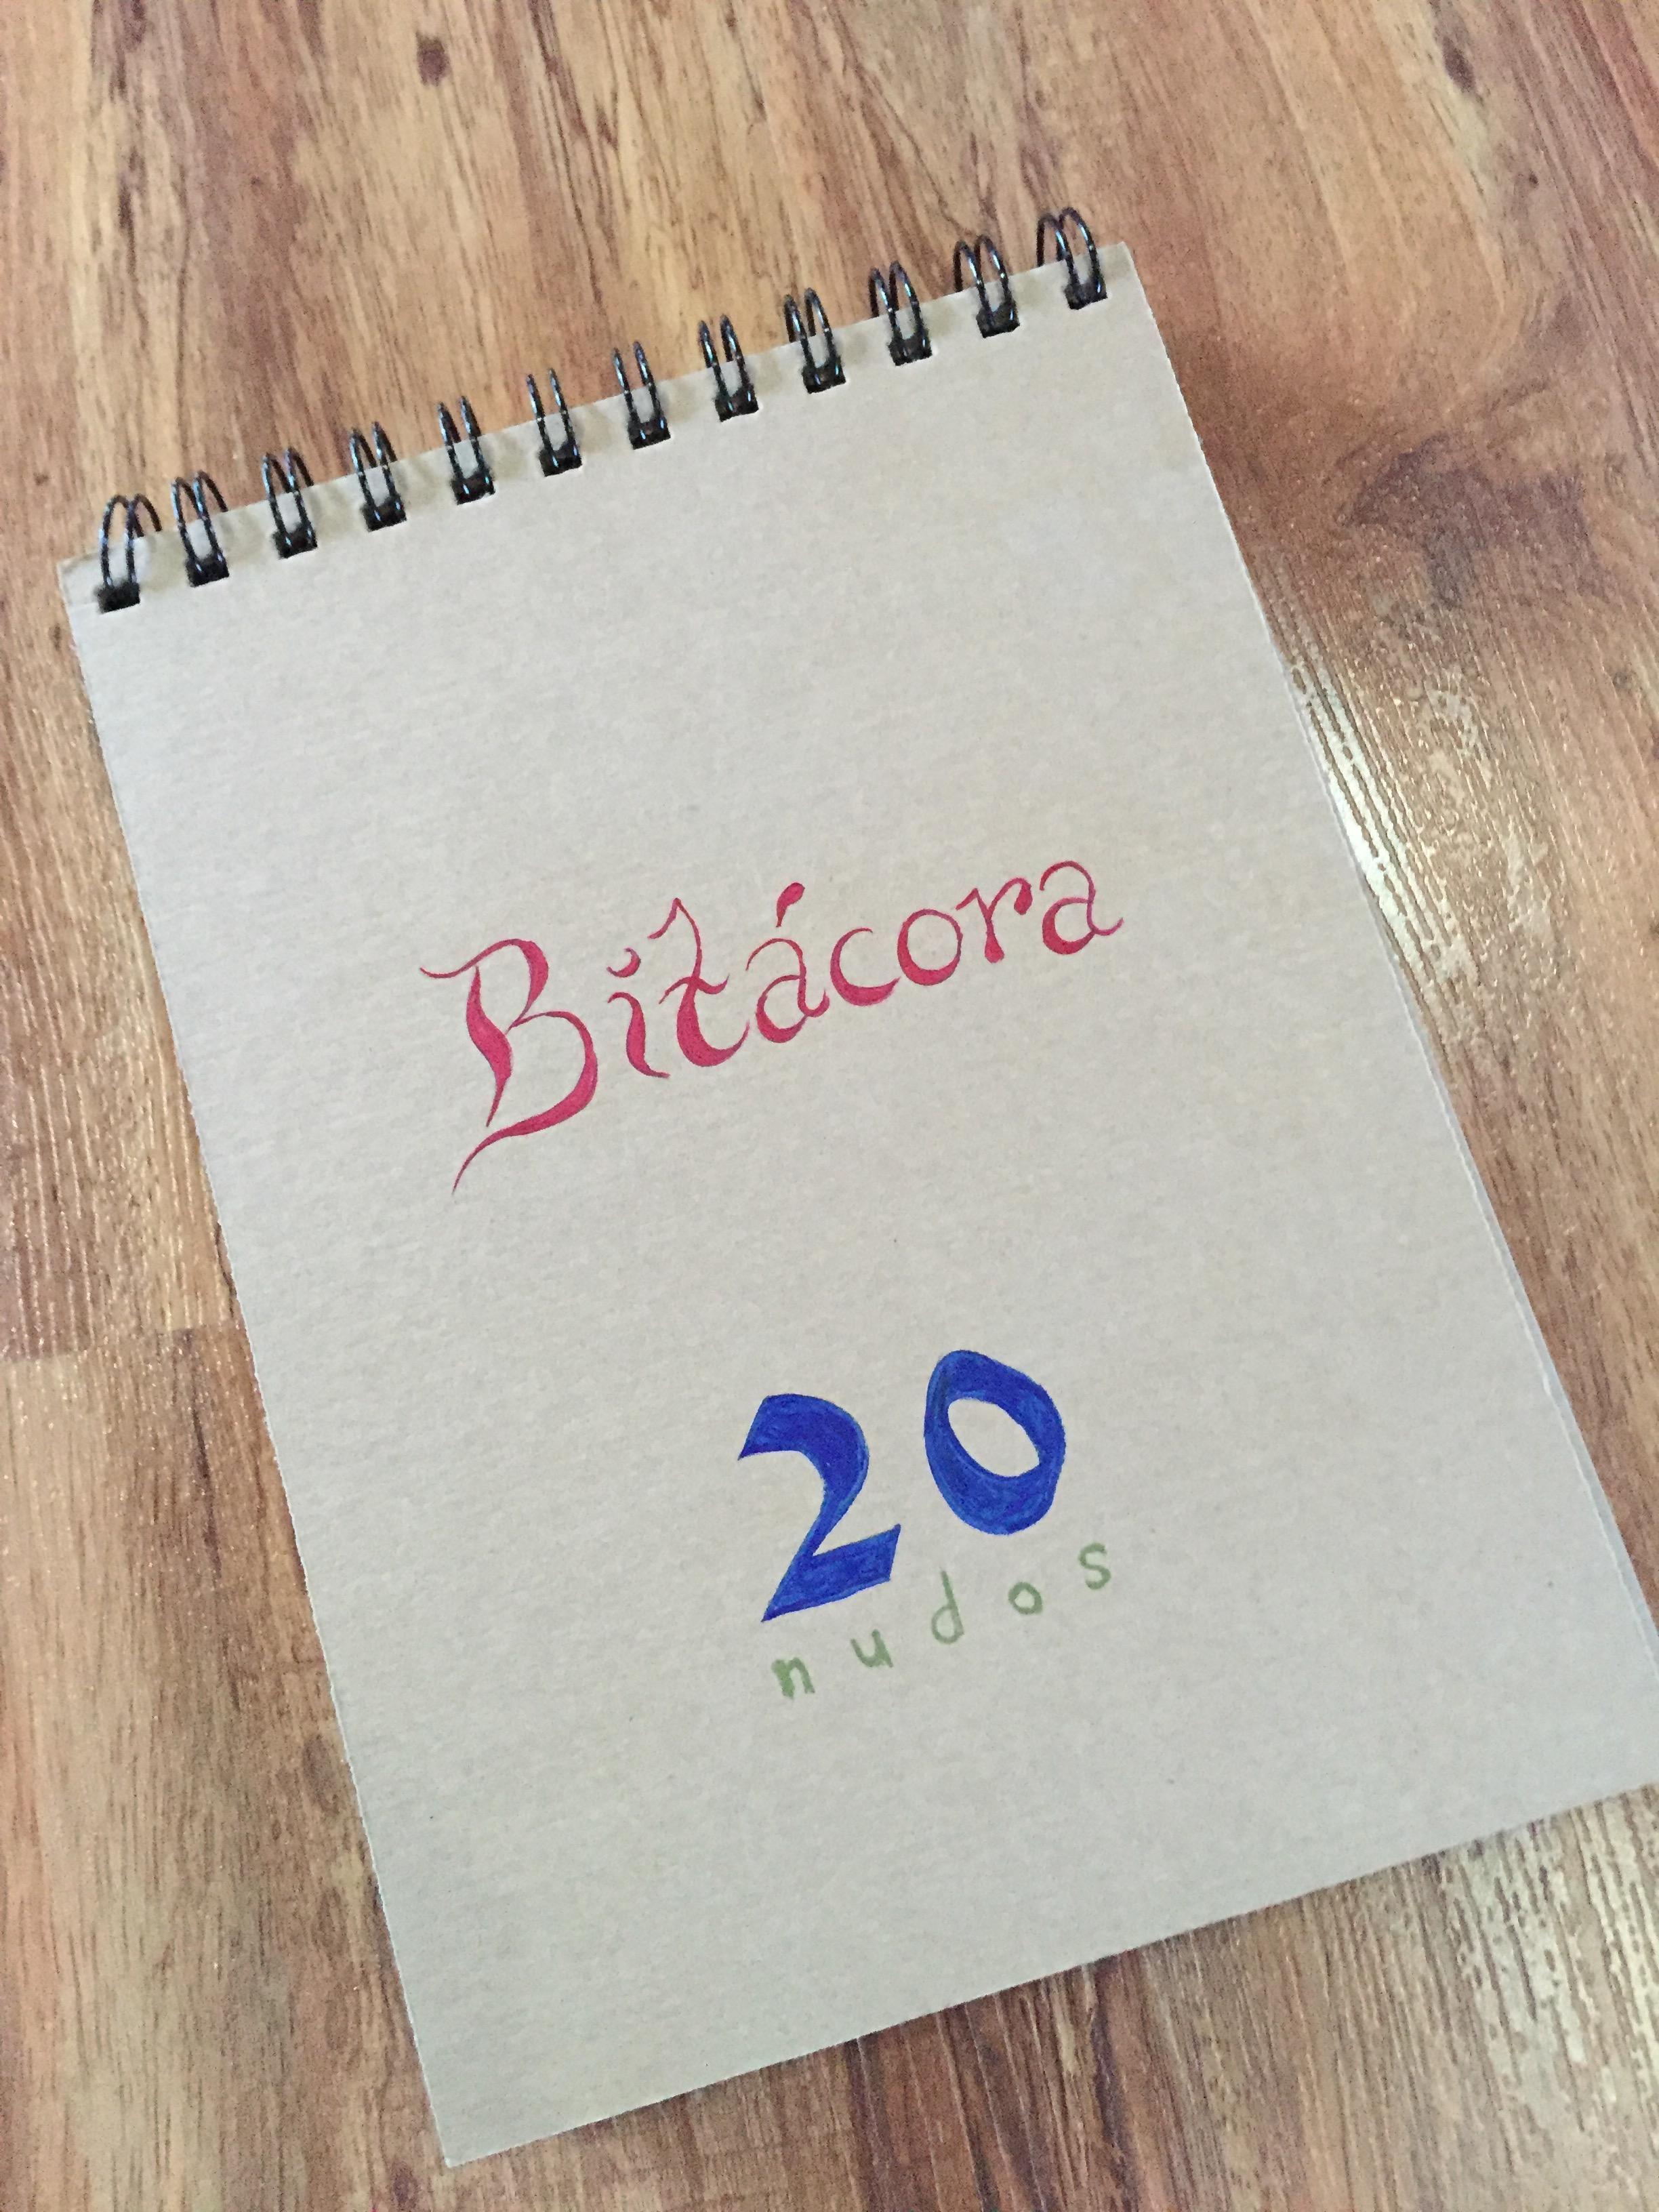 Bitácora 20 Nudos